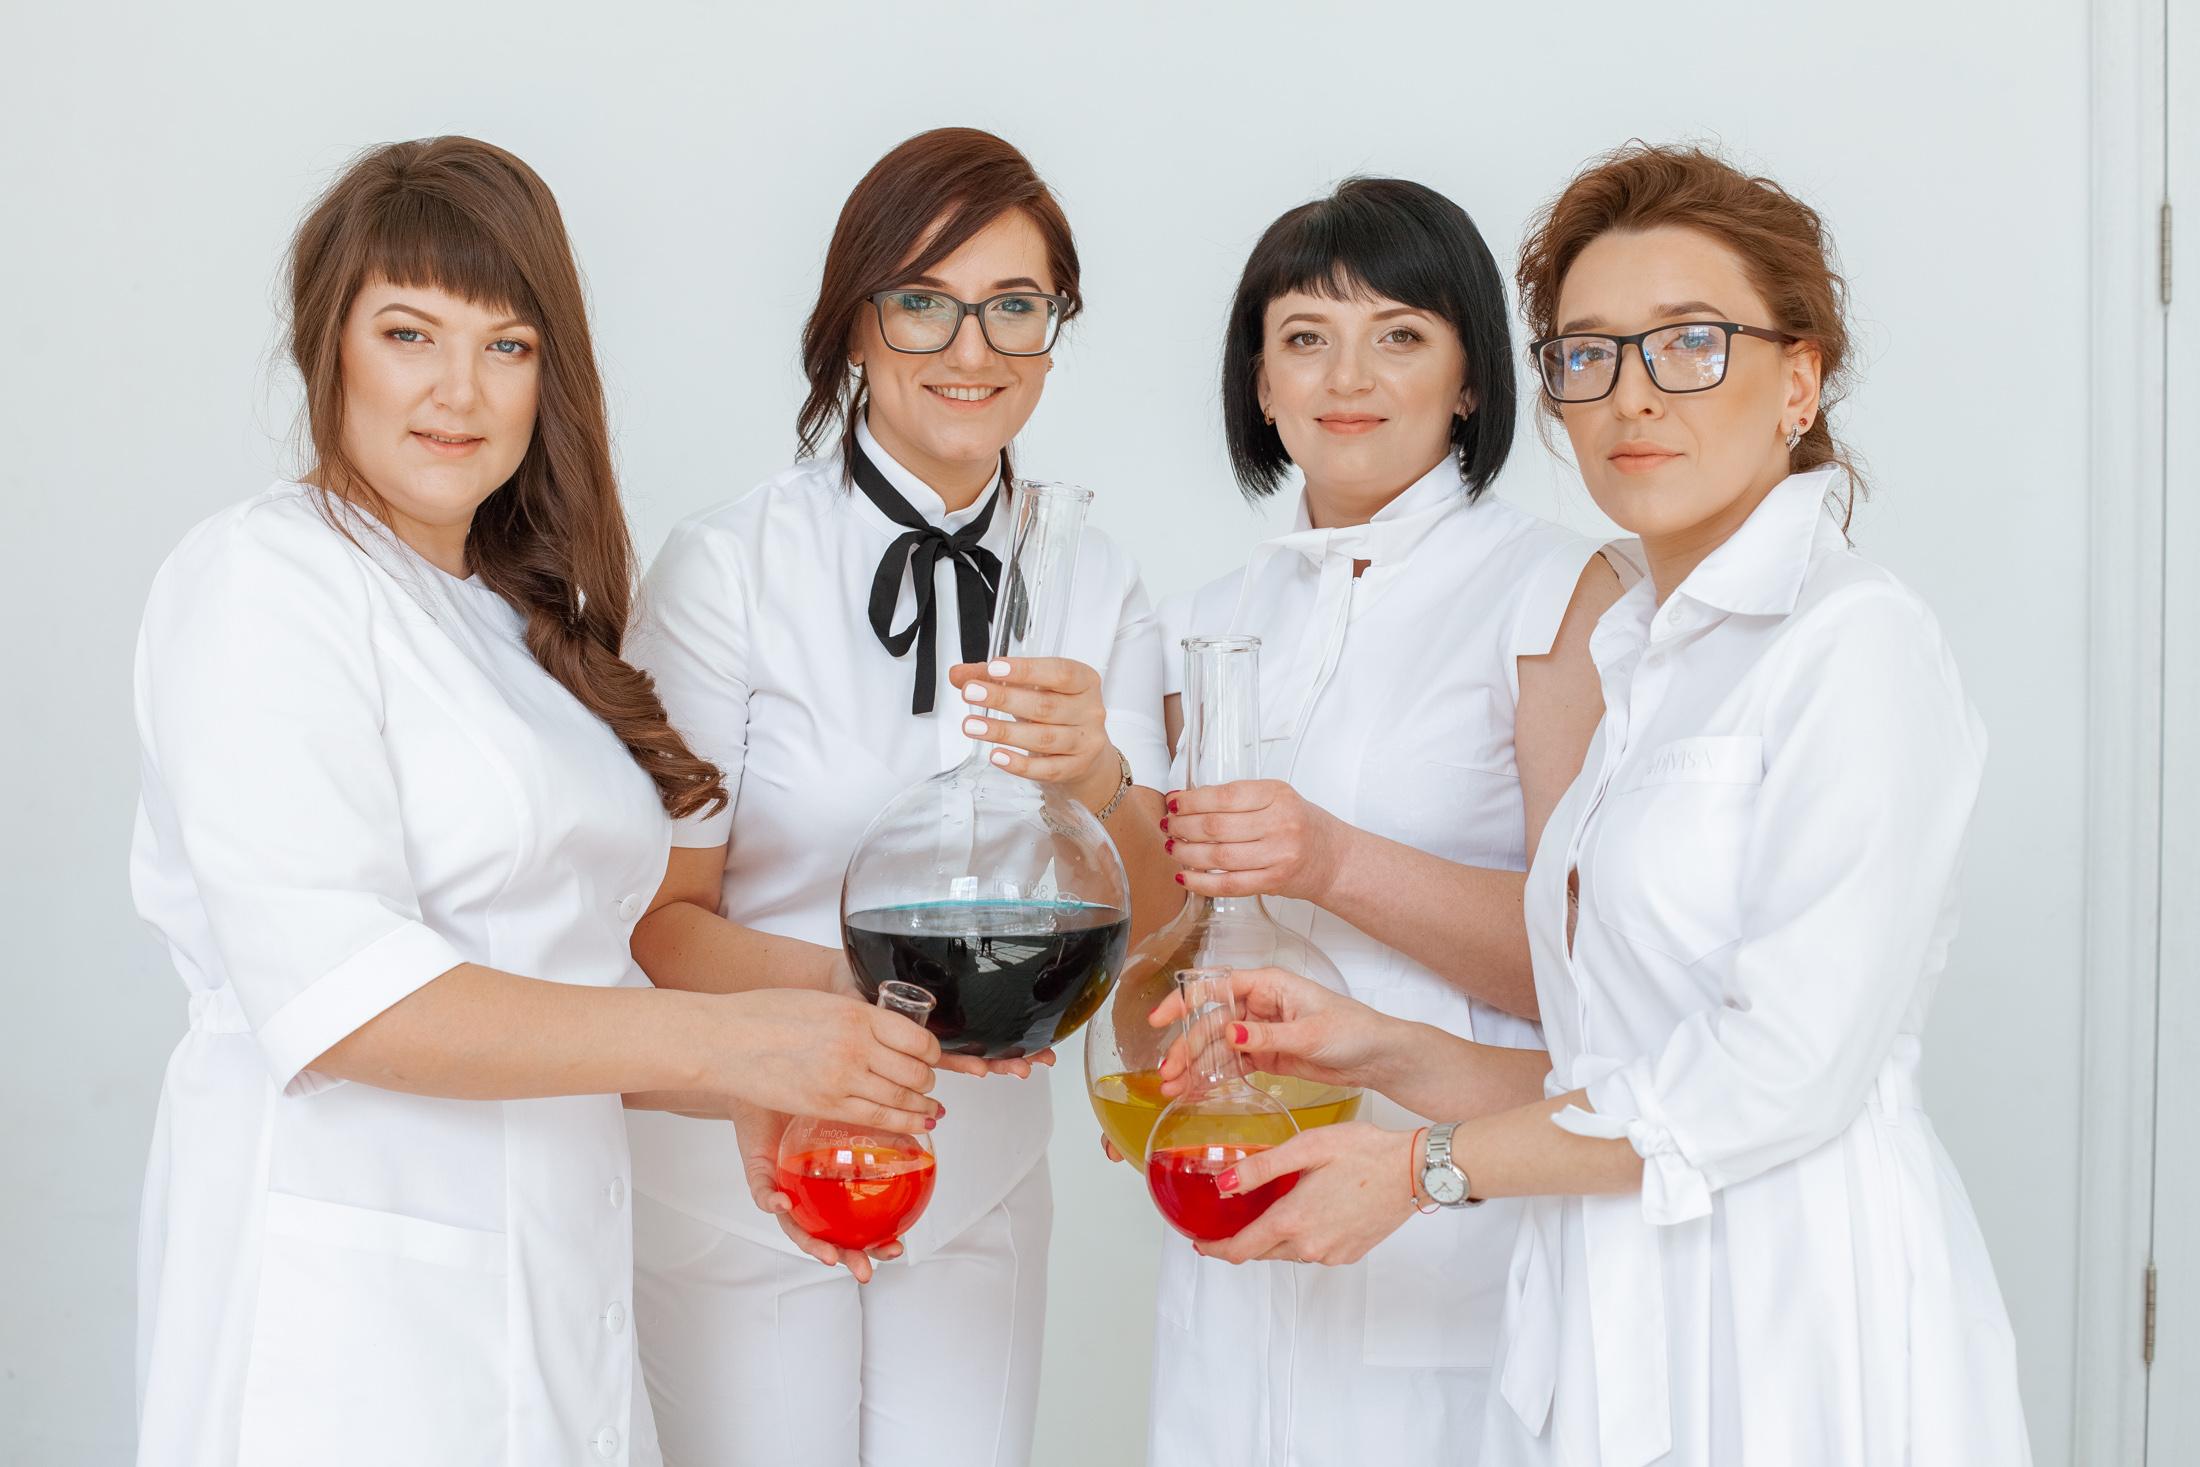 Команда ООО КОЛБА